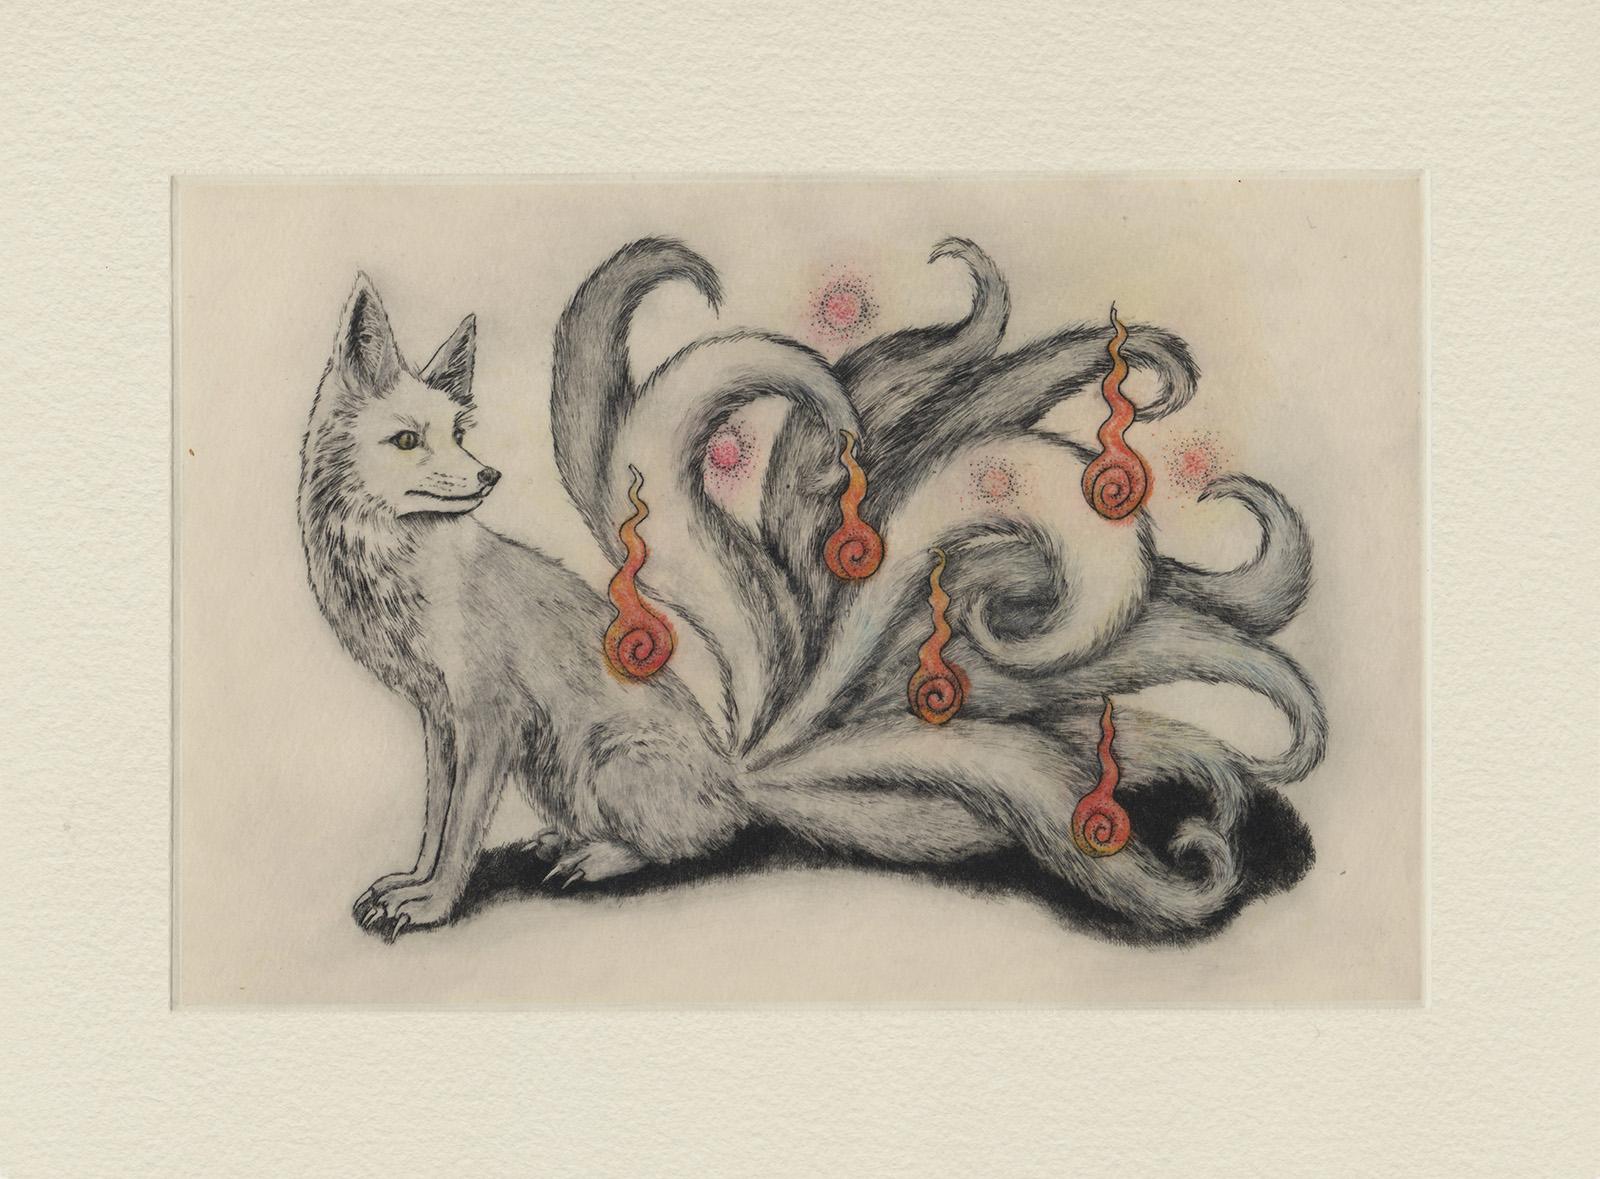 九尾の狐 (drypoint etching by Yaemi Shigyo)